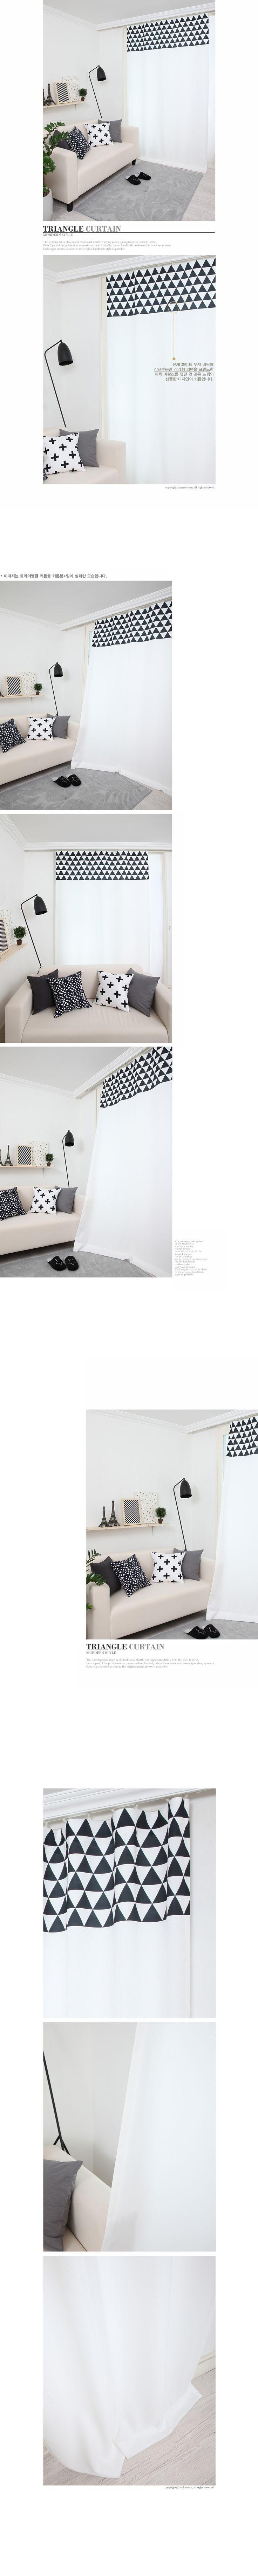 메이크룸 [트라이앵글 커튼(black)]